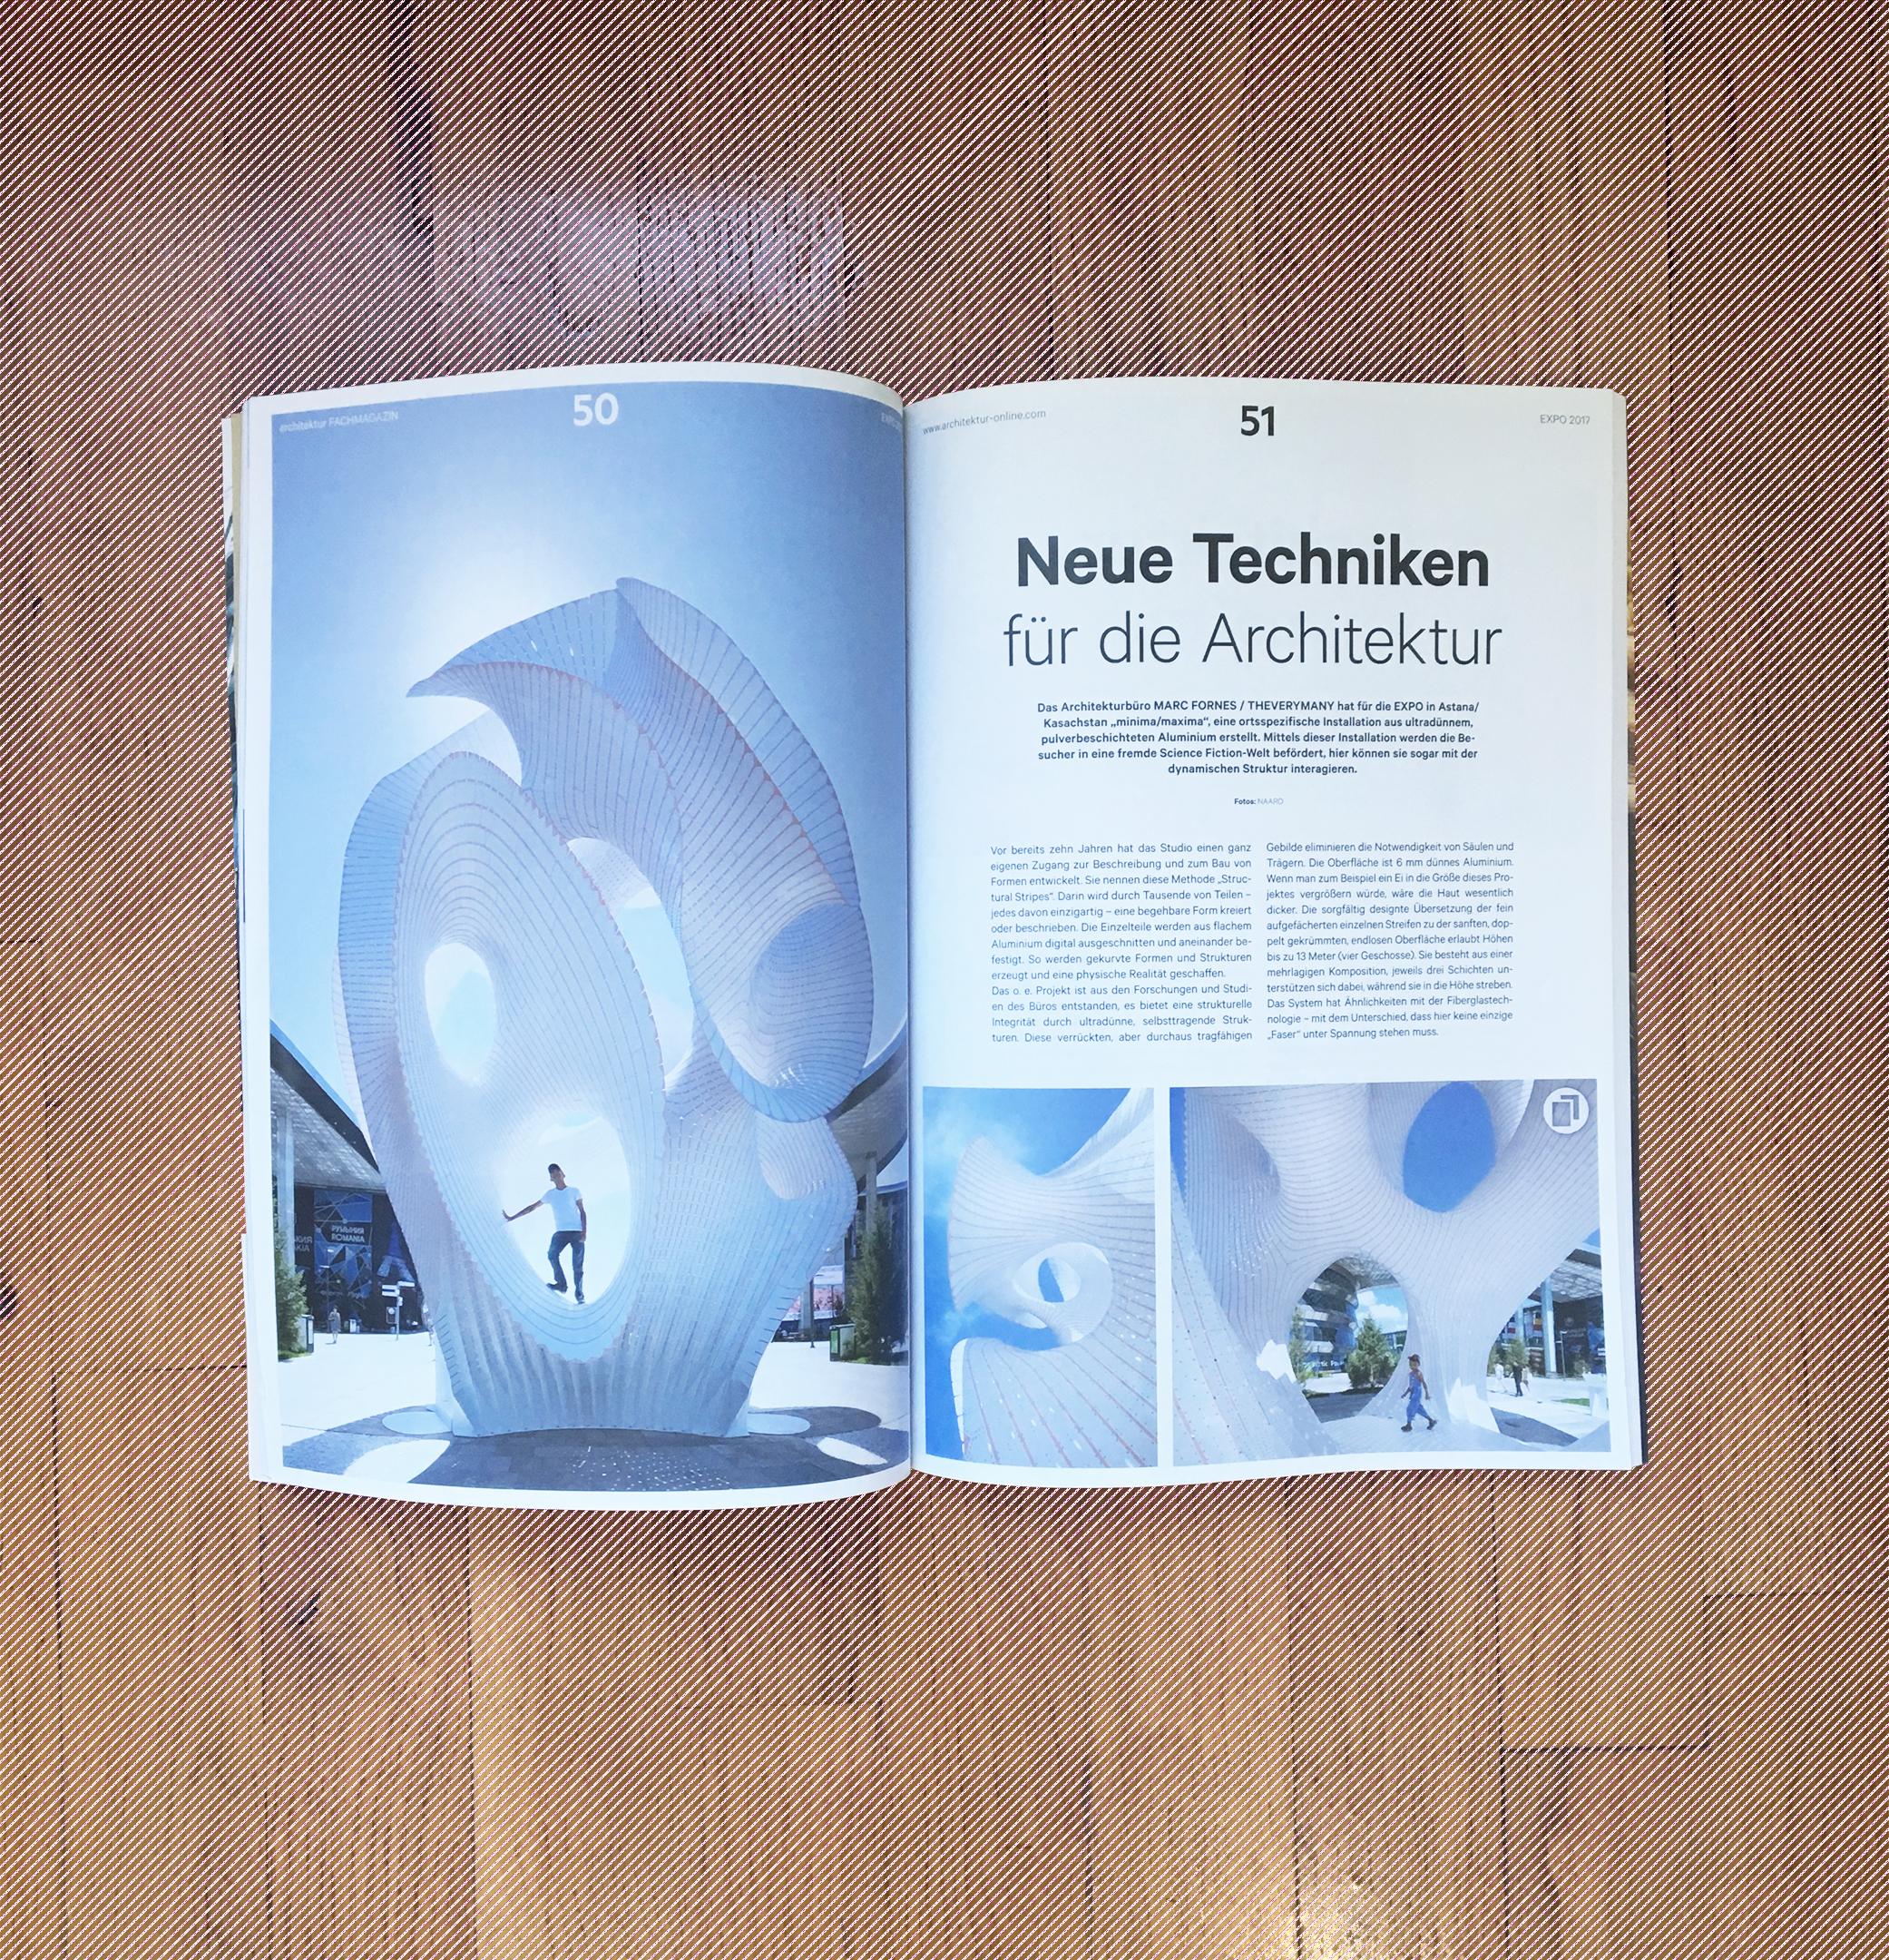 architektur-astana.jpg